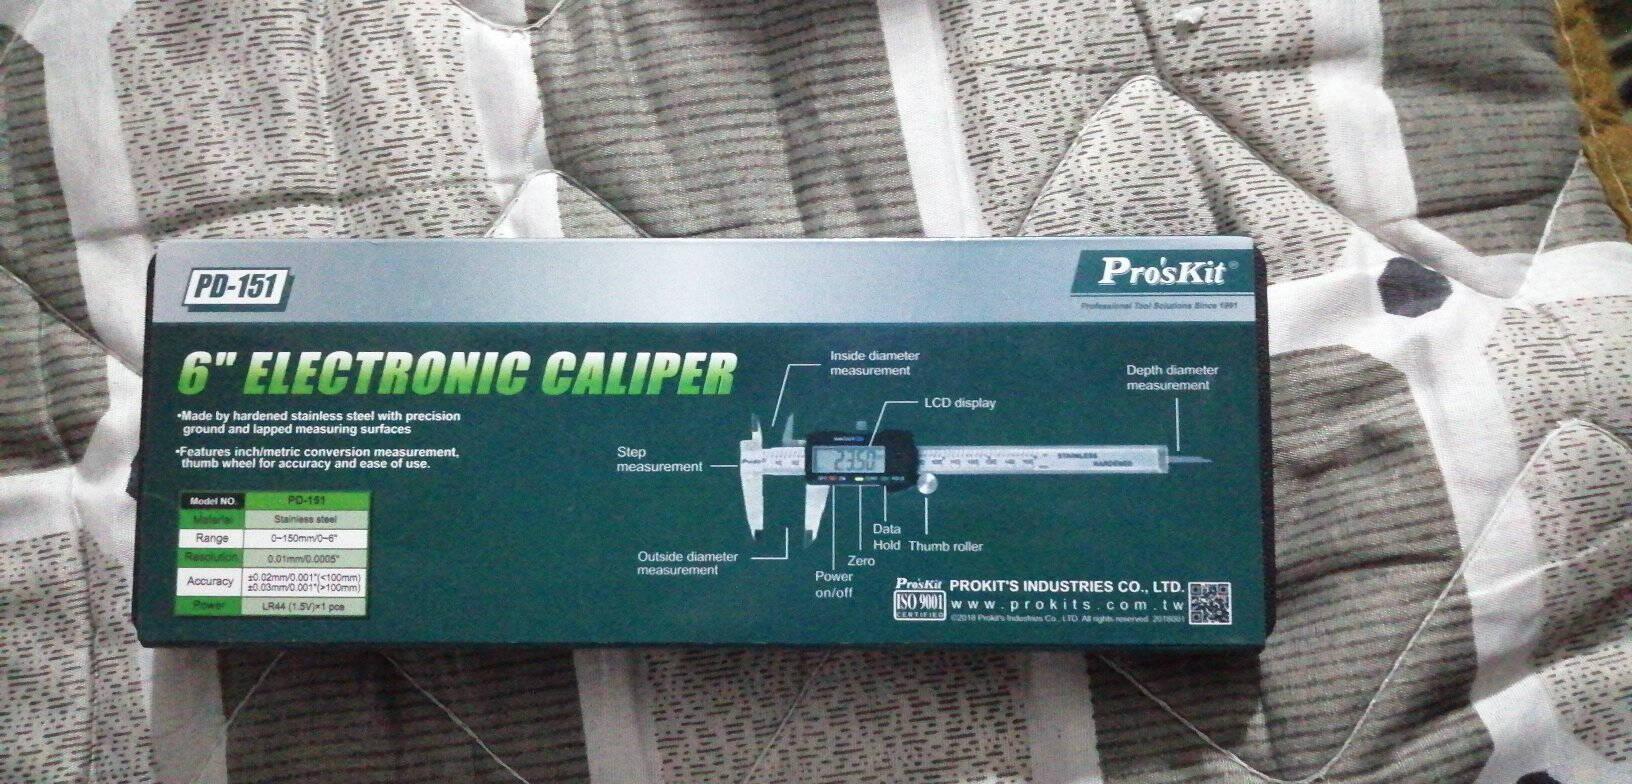 宝工(Proskit)高精度数字型游标卡尺(公英制)不锈钢150mm数显卡尺PD-151